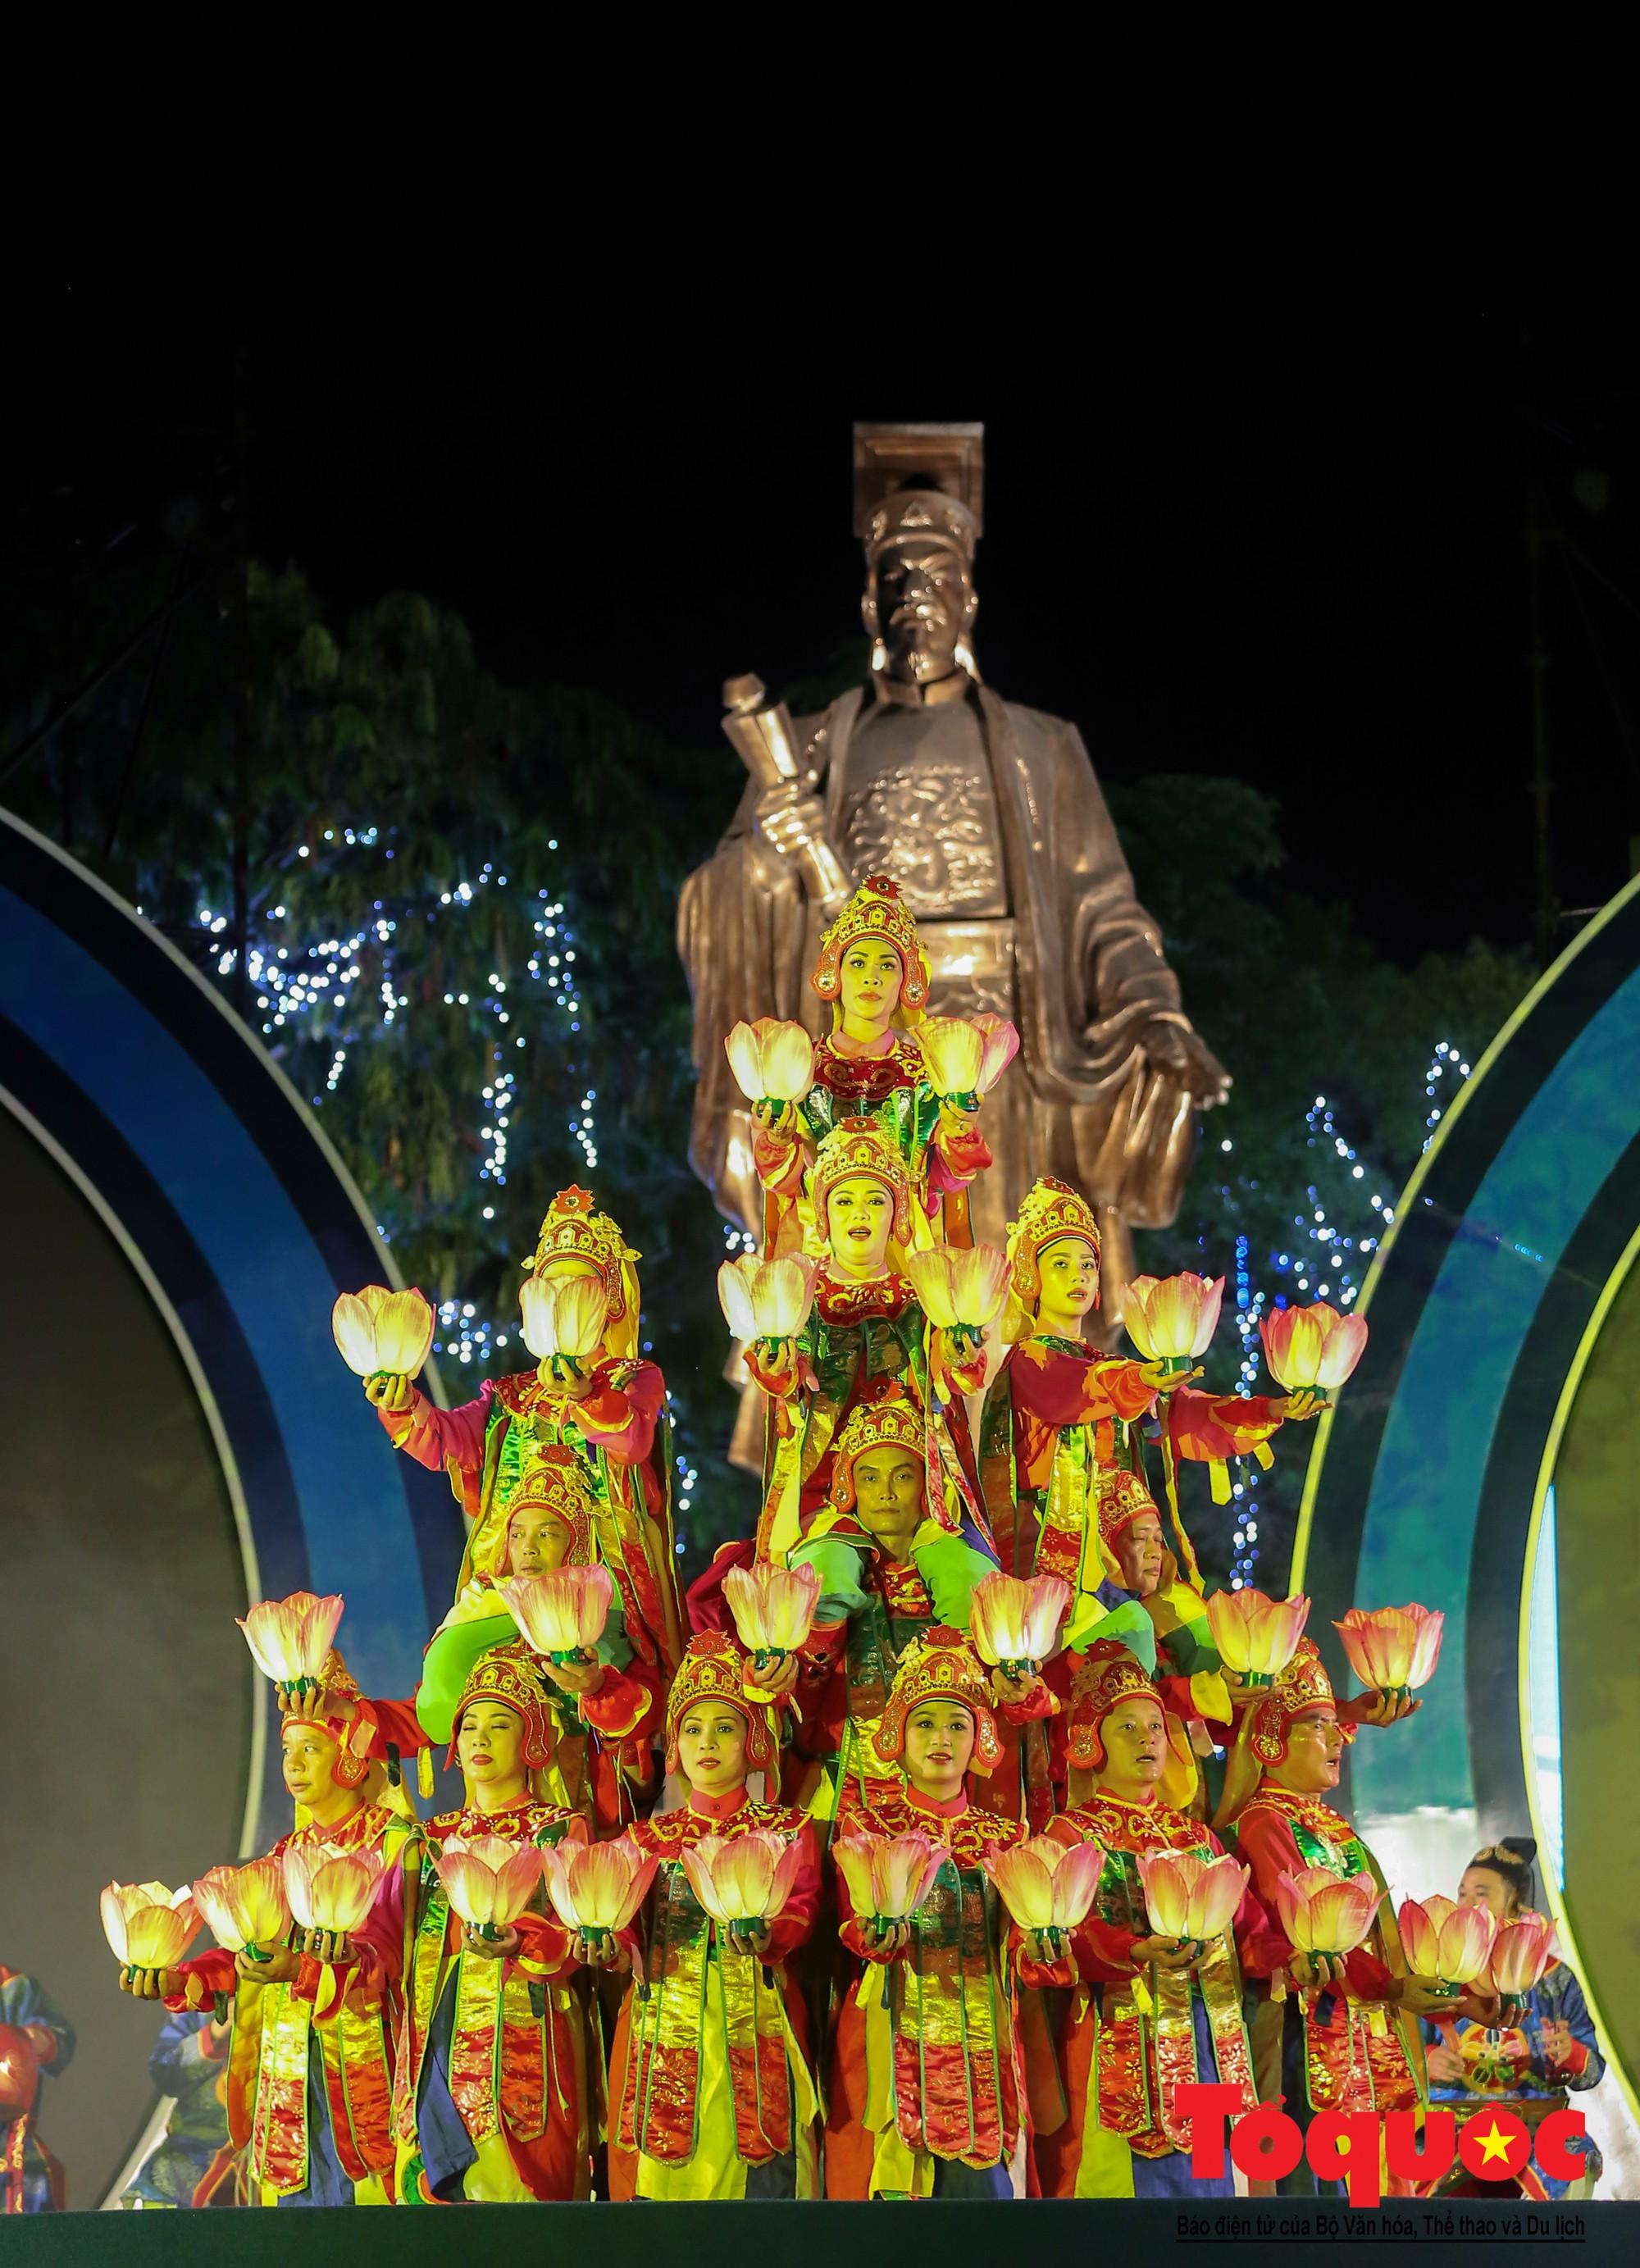 """Ấn tượng chương trình nghệ thuật kỷ niệm 20 năm Hà Nội - """"Thành phố Vì hòa bình"""" (9)"""